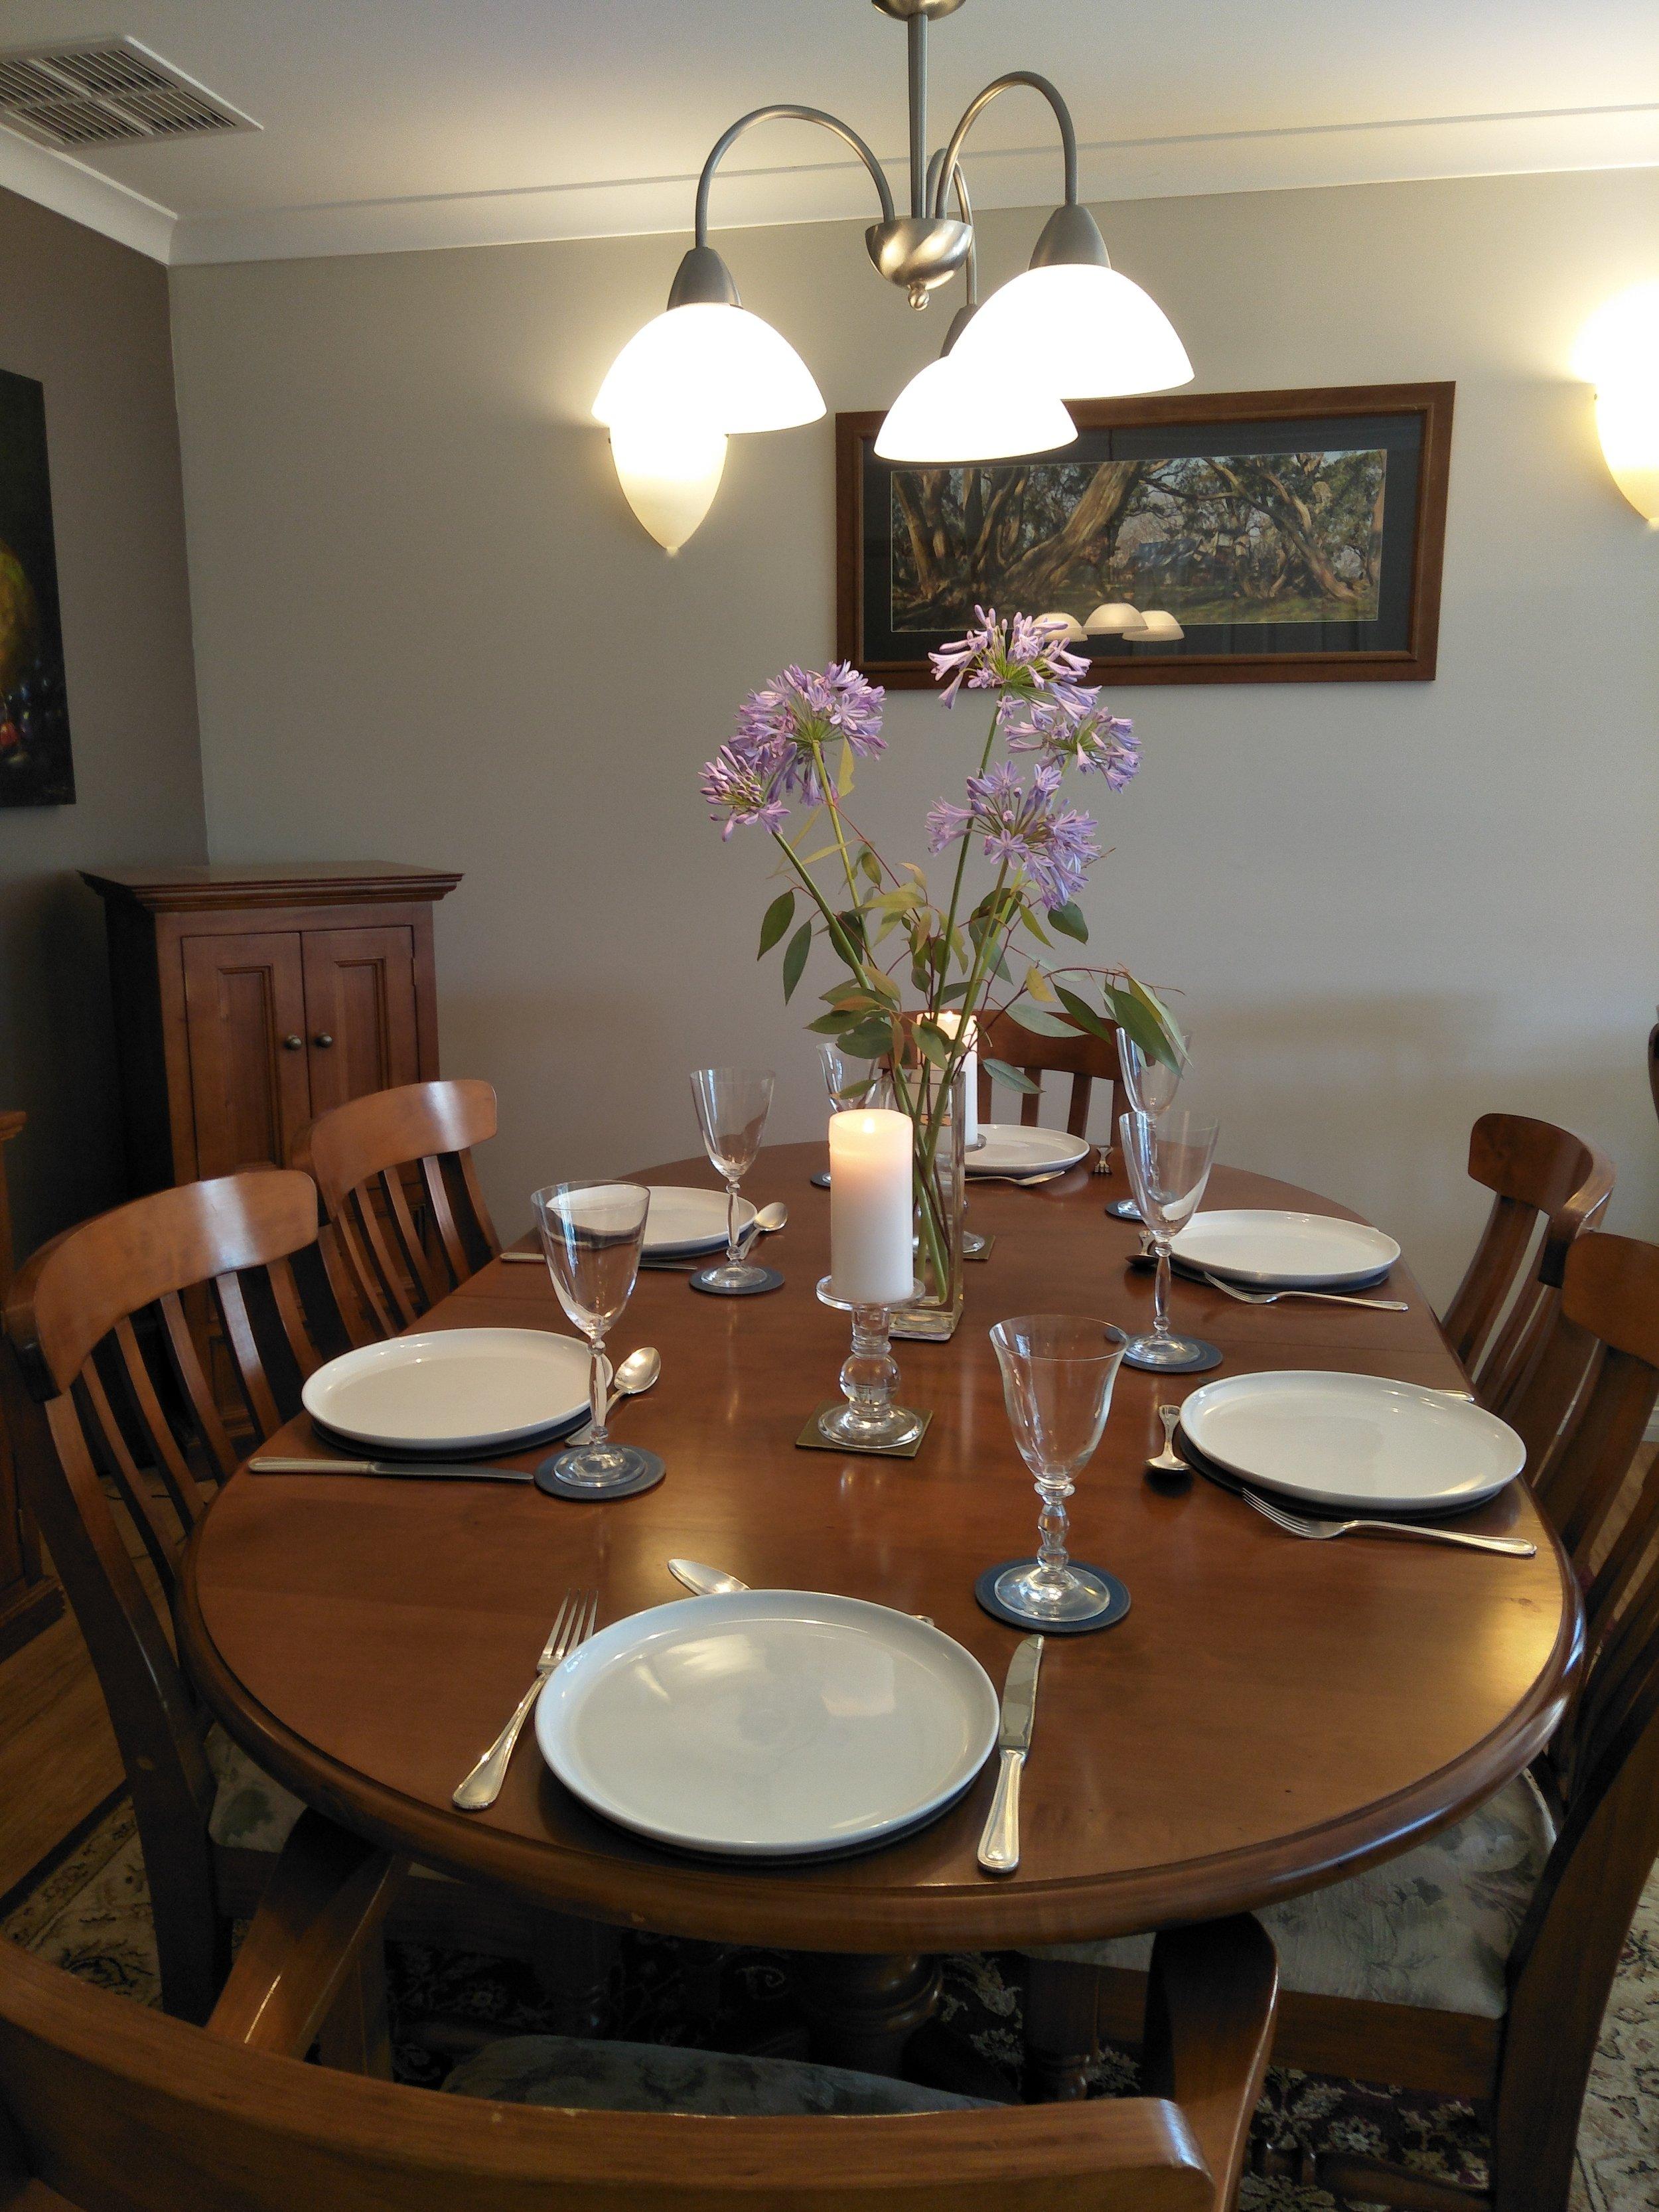 Dining room table dinner.jpg